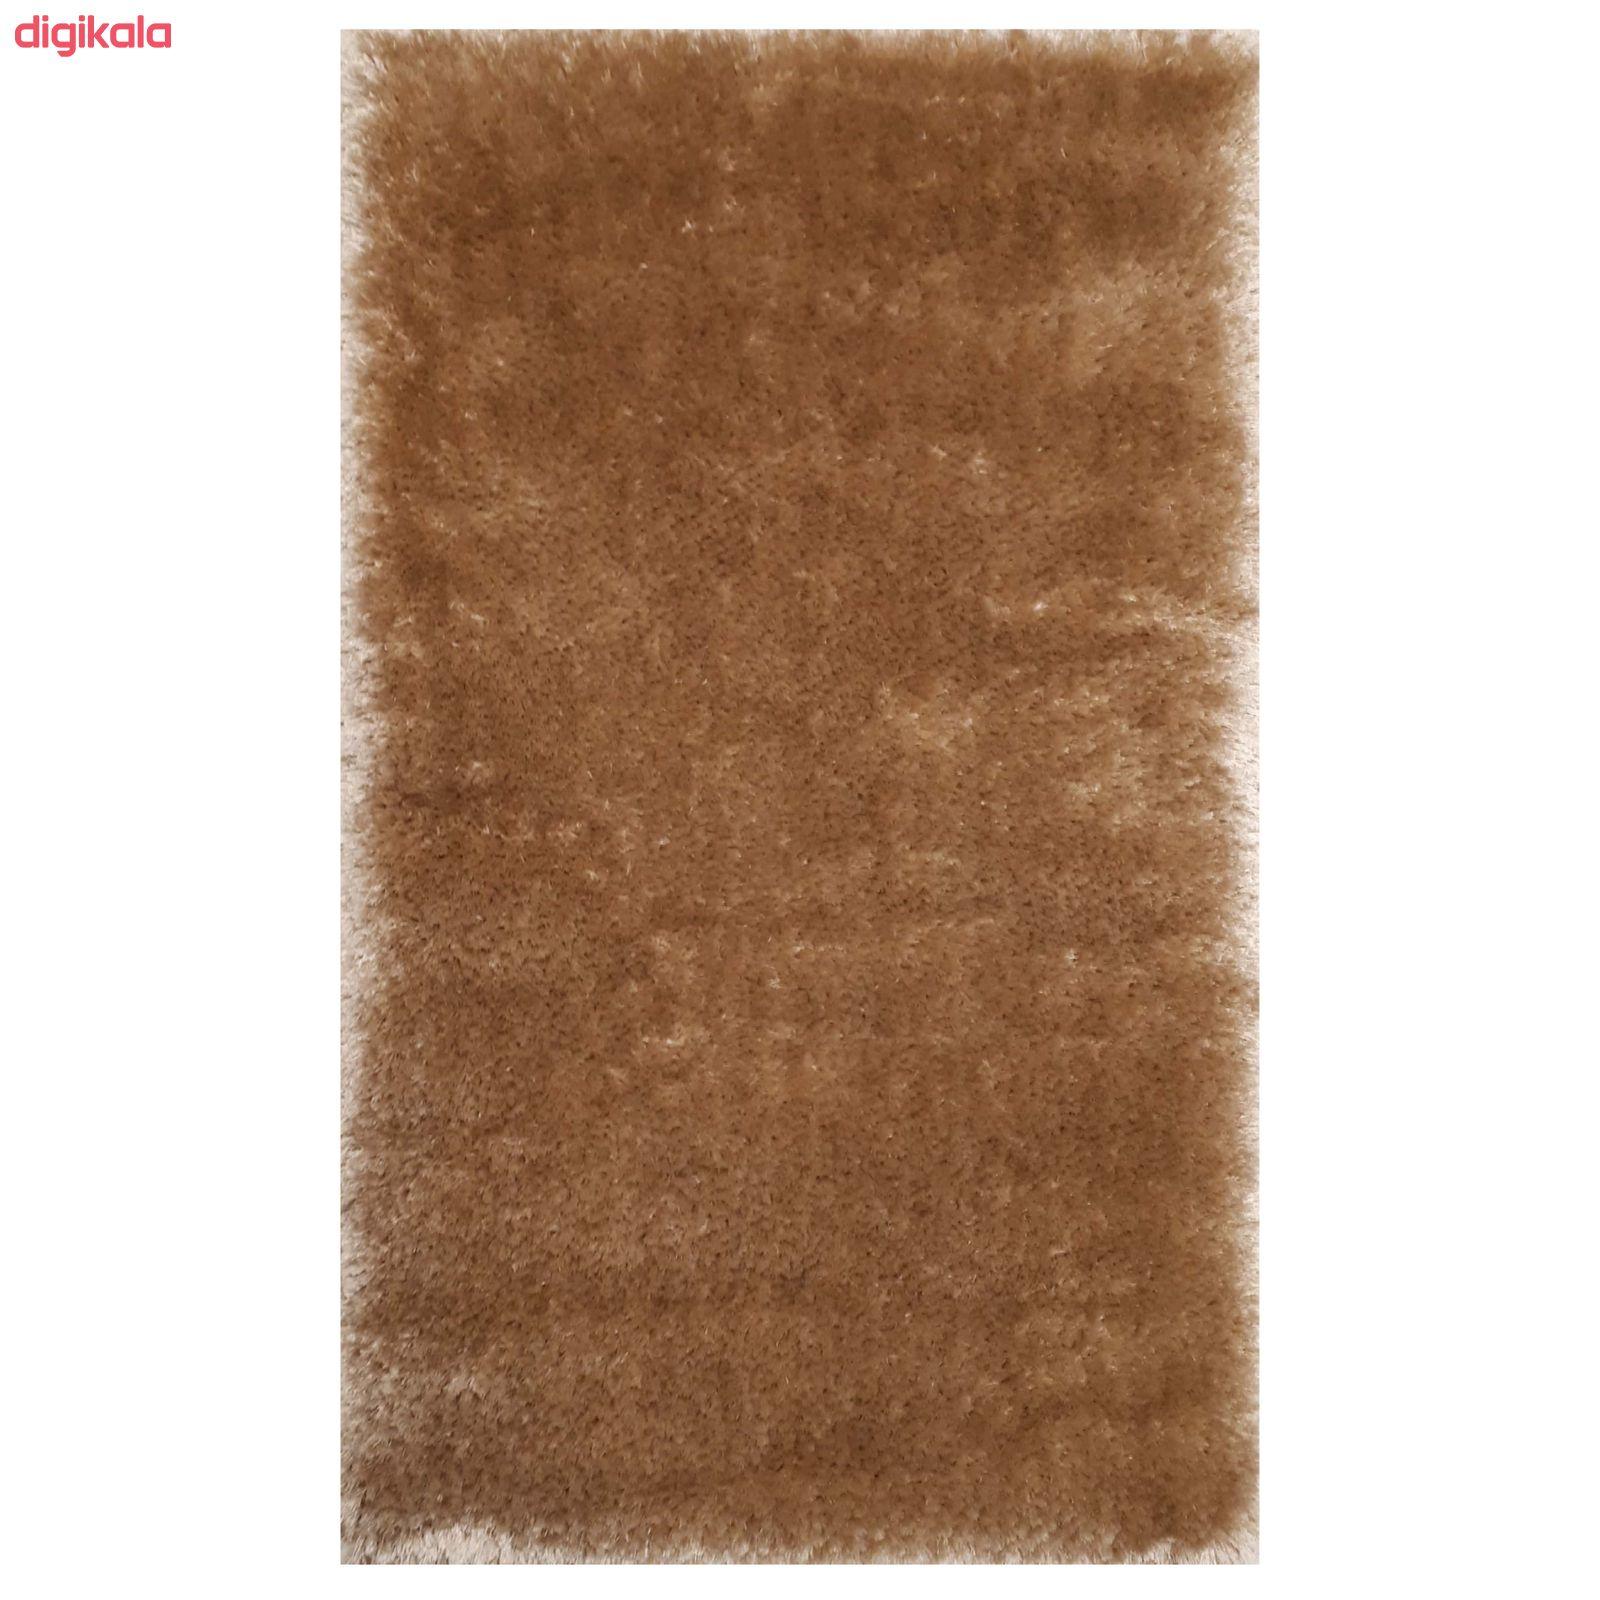 فرش ماشینی مدل شگی کد 5013 زمینه نسکافه ای main 1 5